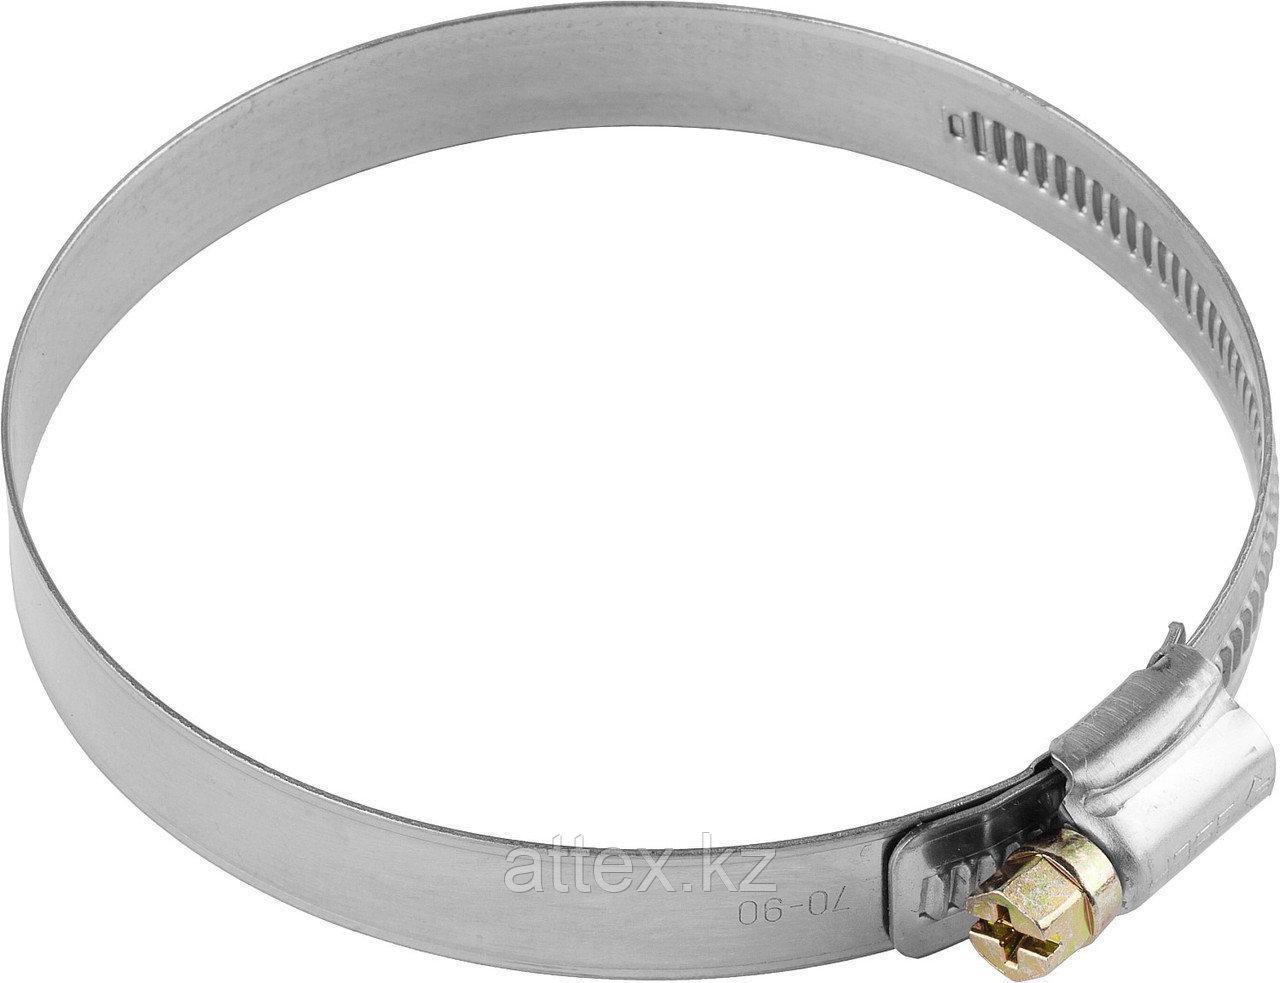 Хомуты, нерж. сталь, накатная лента 12 мм, 50-70 мм, 100 шт, ЗУБР Профессионал 37822-50-70-100